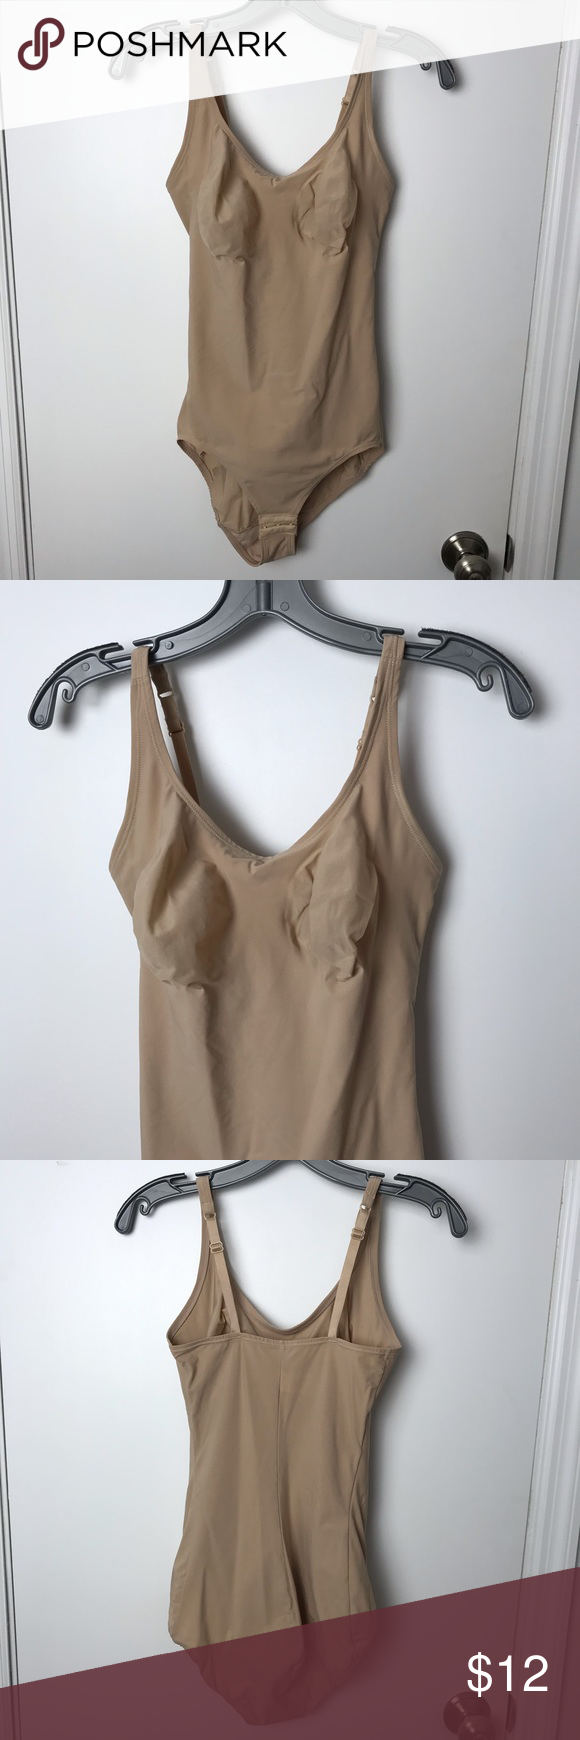 4b0145169 NAOMI   NICOLE Nude Shape Wear Size 38. Naomi   Nicole. Nude color Shape